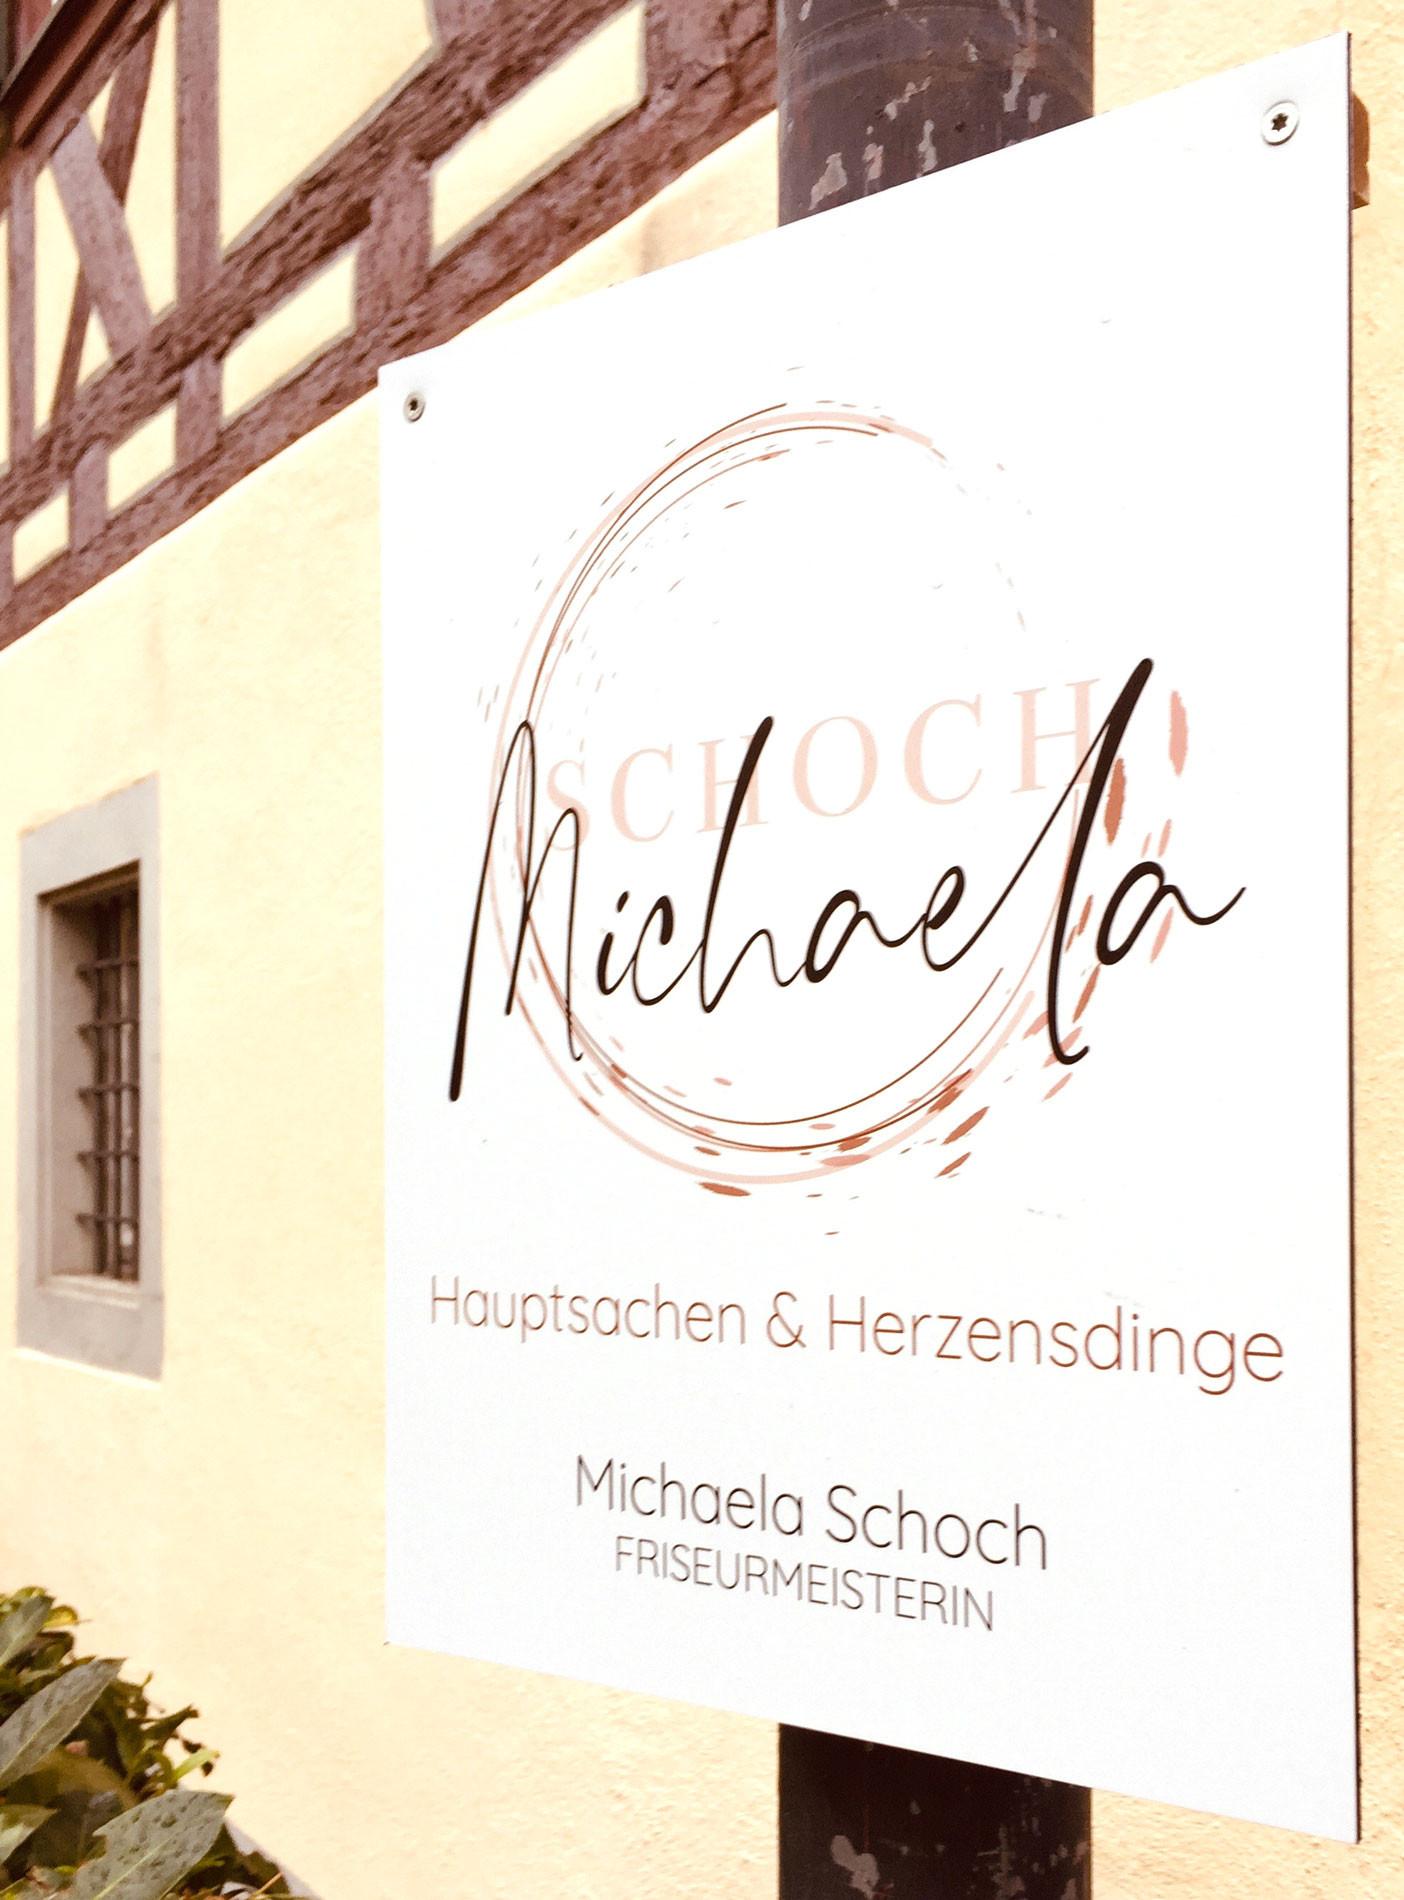 Michi_Schoch_Schild.jpg